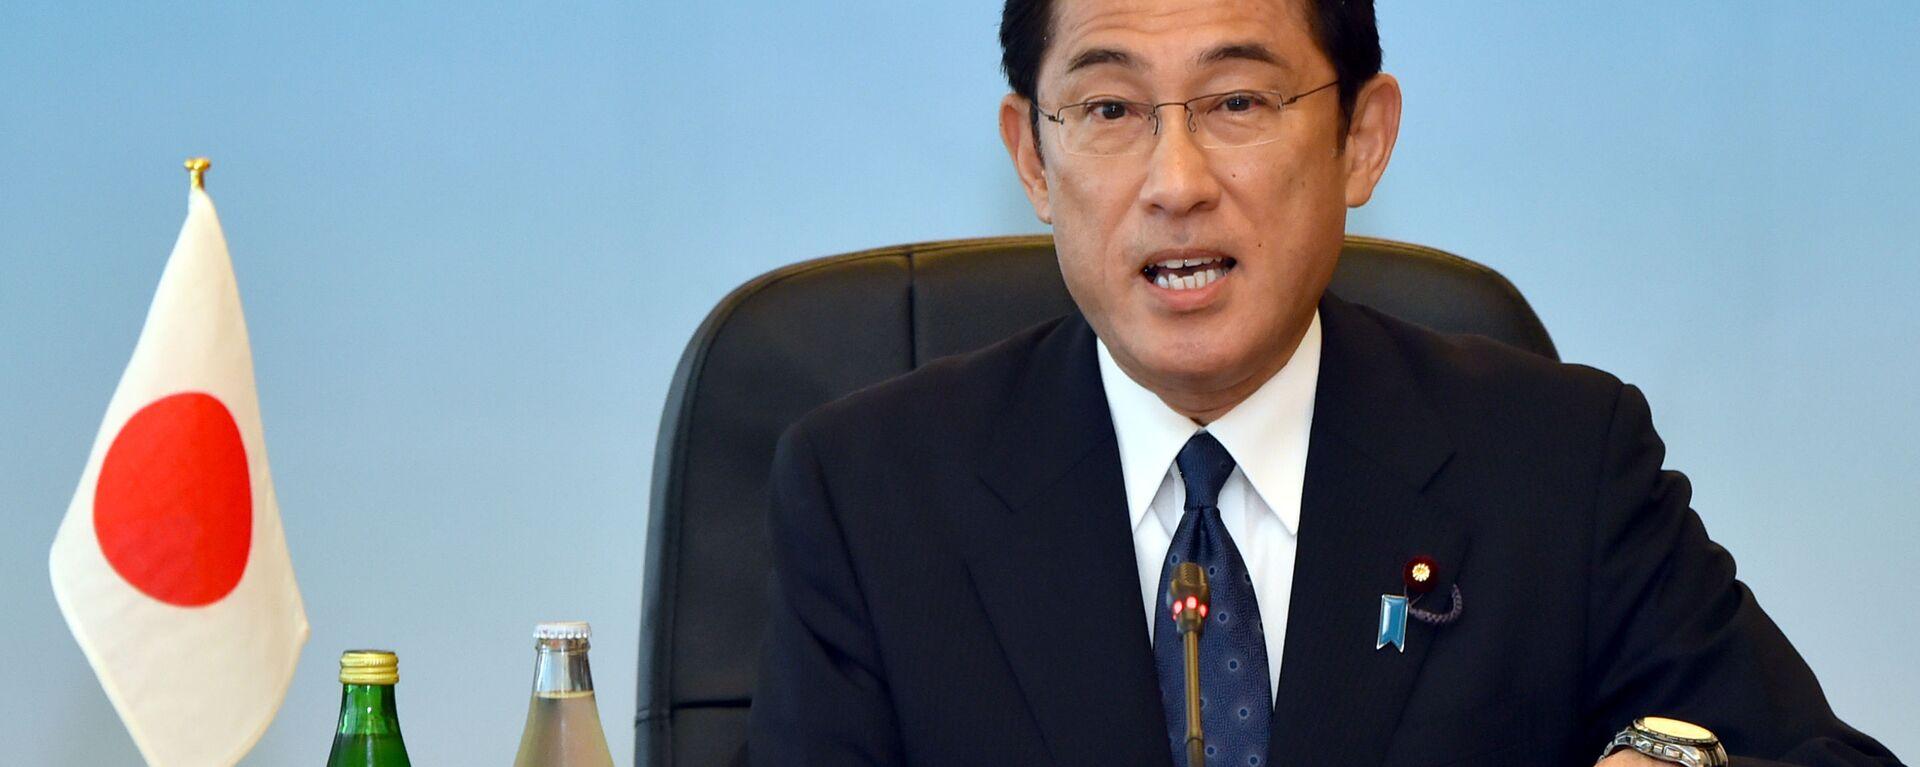 Ứng cử viên Thủ tướng Nhật Bản, cựu Ngoại trưởng Fumio Kishida - Sputnik Việt Nam, 1920, 08.09.2021